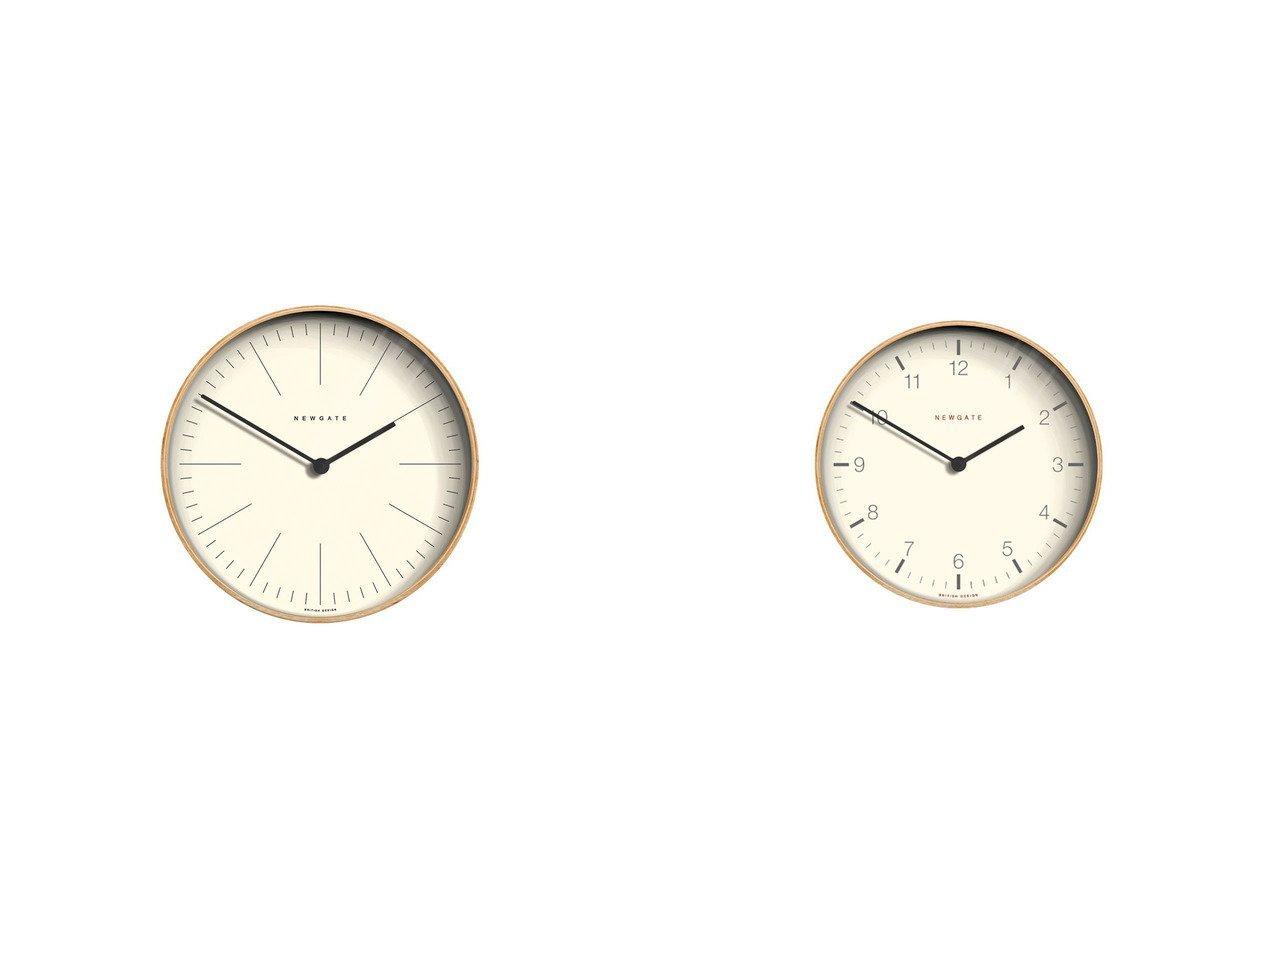 【NEWGATE/ニューゲート】のMr. ミスタートーマス サークル&Mr. ミスタークラーク L 【時計 お家時間 FURNITURE】おすすめ!人気、インテリア雑貨・家具の通販 おすすめで人気の流行・トレンド、ファッションの通販商品 インテリア・家具・メンズファッション・キッズファッション・レディースファッション・服の通販 founy(ファニー) https://founy.com/ 送料無料 Free Shipping シンプル フレーム ベーシック 時計 |ID:crp329100000054287